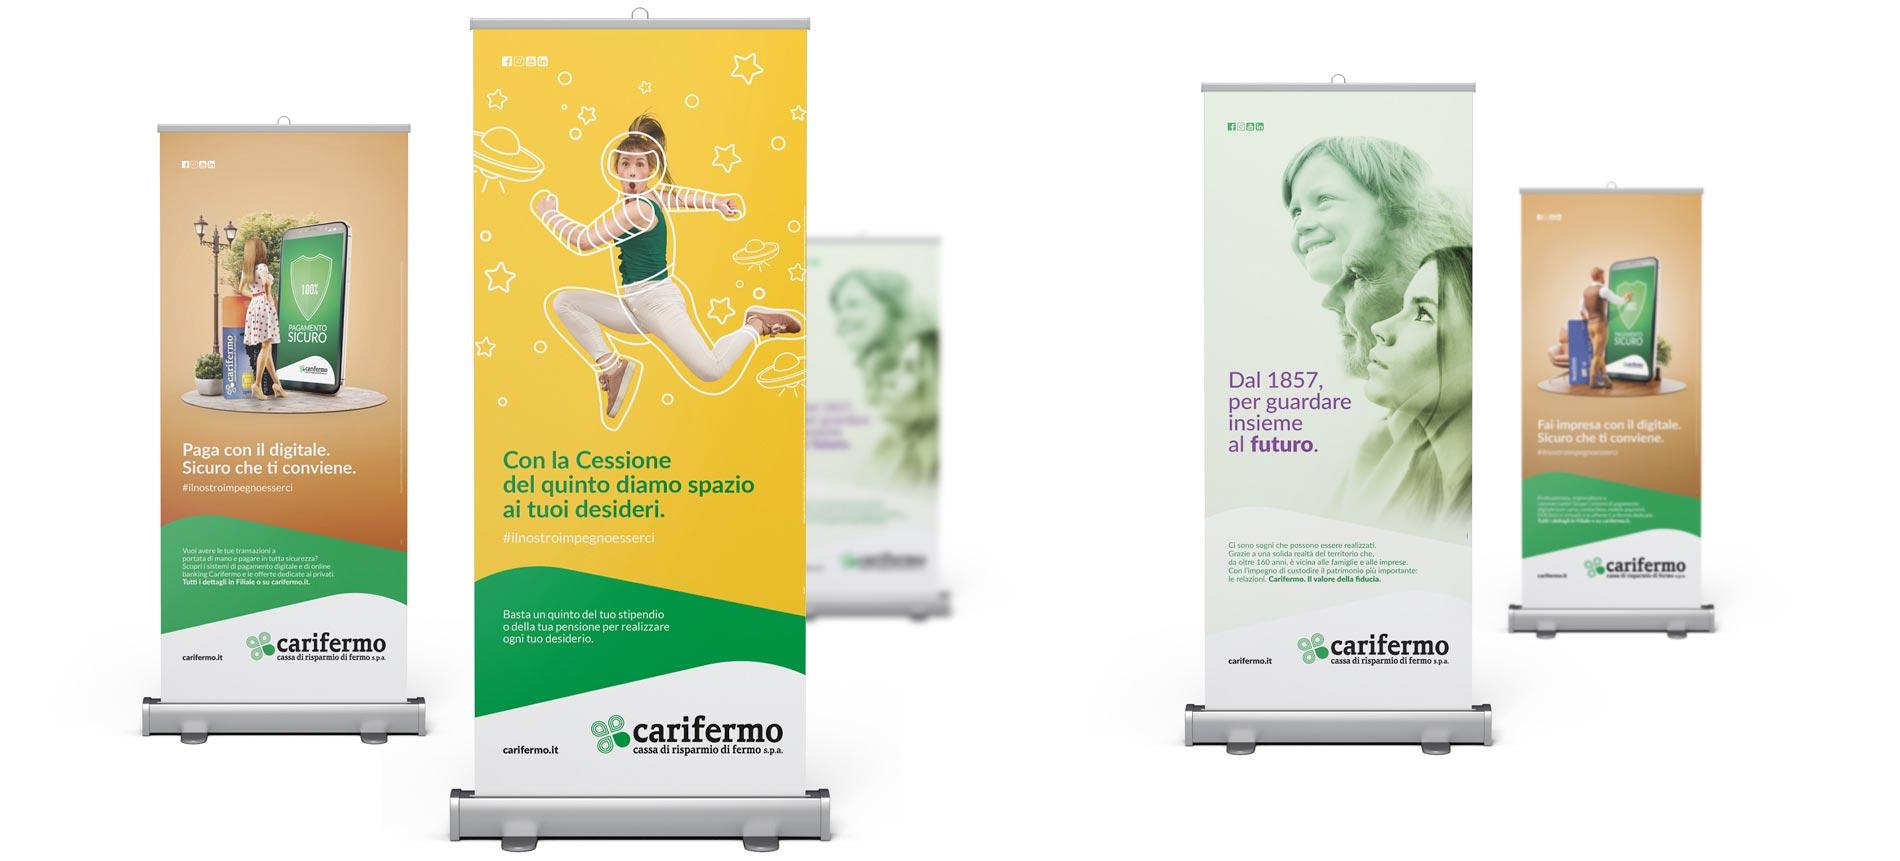 Realizzazione campagne pubblicitarie per Carifermo   Hammer ADV   Espositori